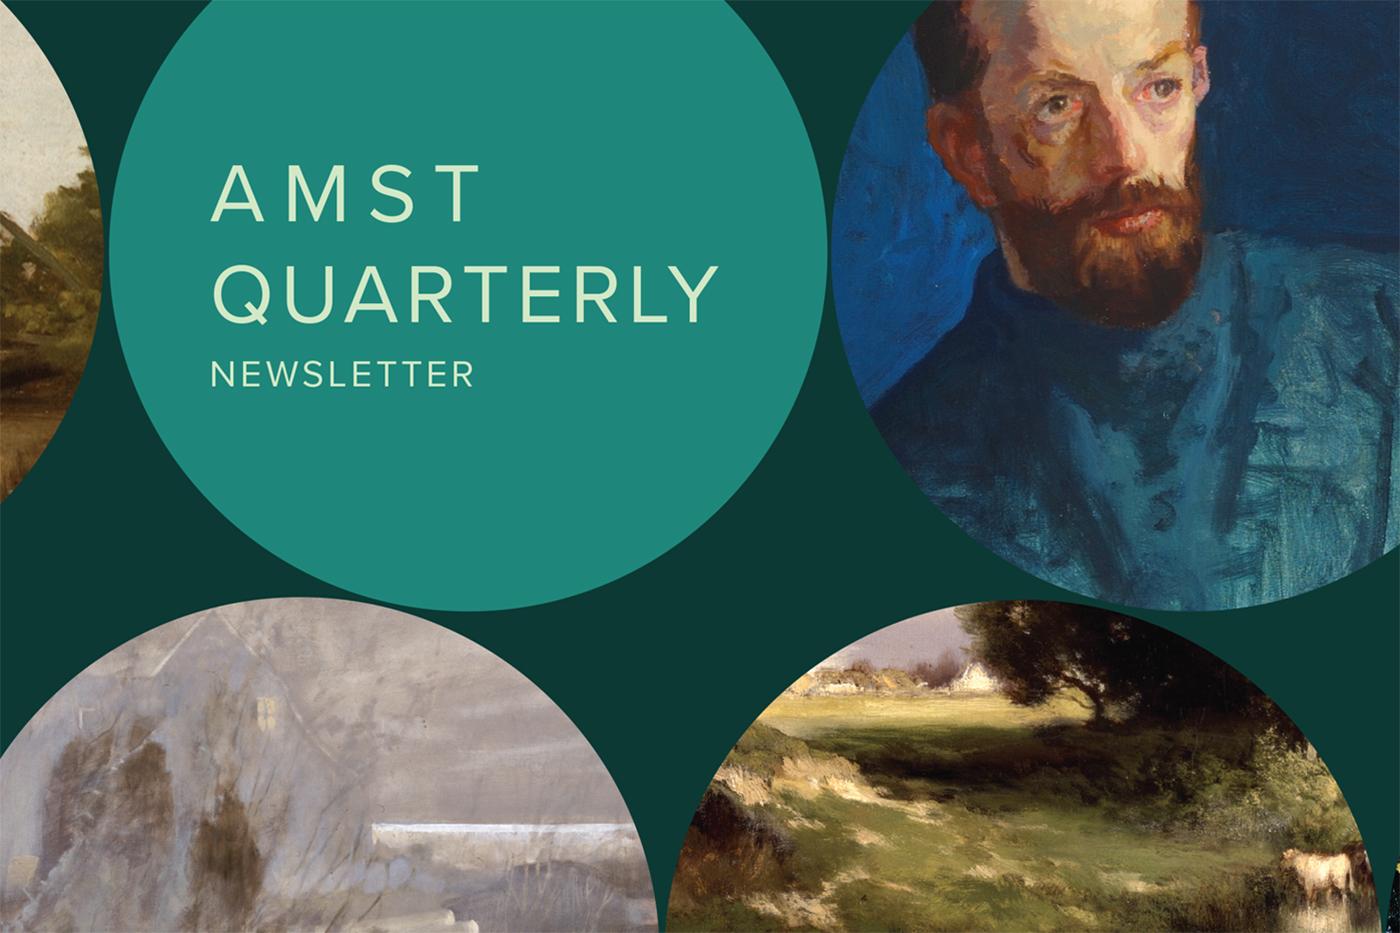 AMST Quarterly